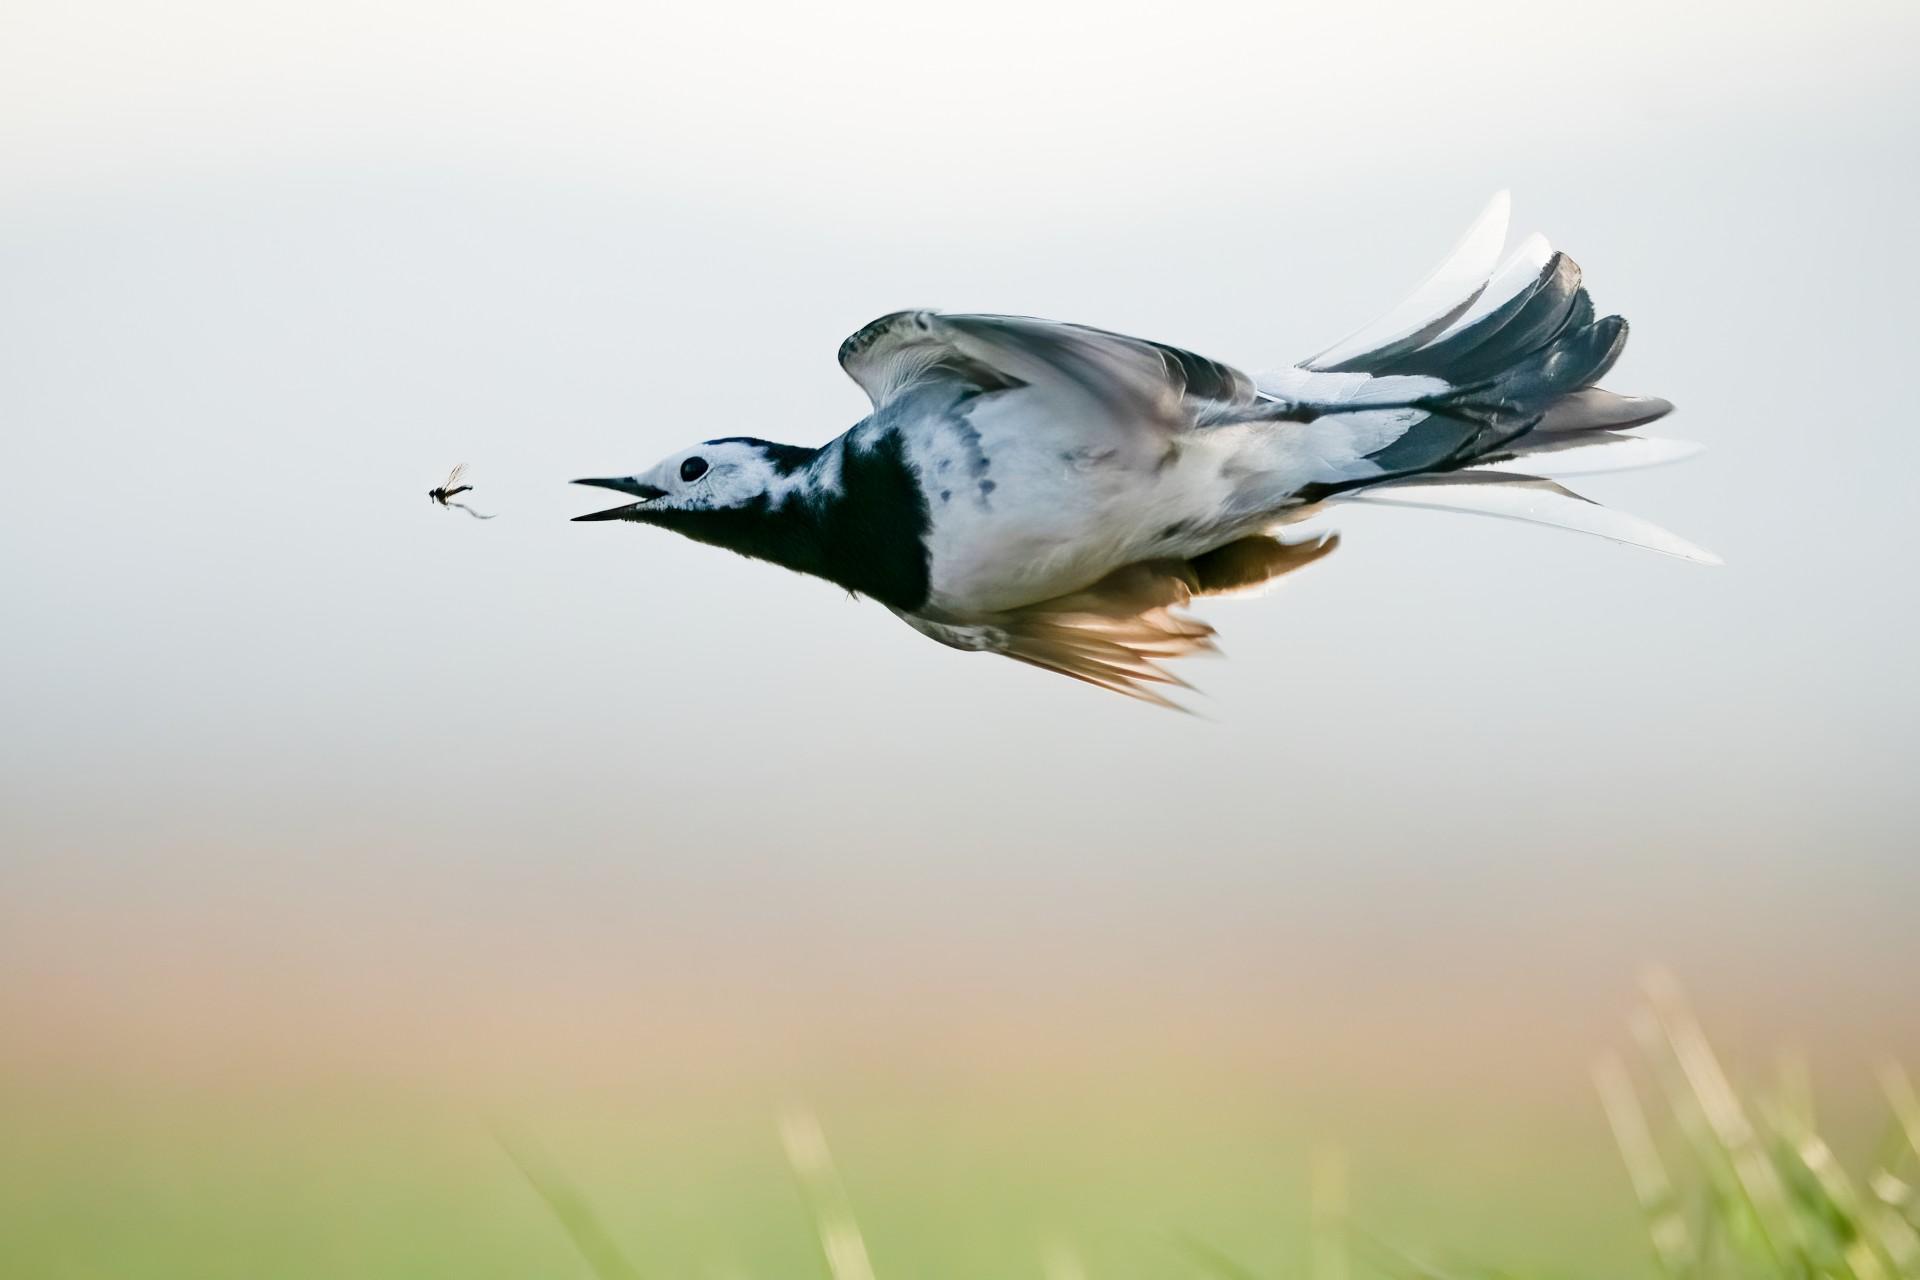 Fotó: Sanchez Esteban: Légi csata<br />Kategória: A madarak viselkedése<br />Helyezés: 2. díj <br /><br />Barázdabillegető röptében kergeti rovar zsákmányát a Szentendrei-szigeten a les előtti itató felett egy áprilisi napon. Az itató gyakori vendégéről sikerült megfigyelni, hogy a néha a feje felett köröző rovarokra vadászik. A kép készítésekor a technika, a korábbi próbálkozások és a szerencse is 'barátaim' voltak, hiszen csak a madarat követtem a kamerámmal, amikor láttam, hogy elindul felfelé vadászni és exponáltam. Az, hogy mindketten meg lettek örökítve egy kockán, már csak a visszanézéskor derült ki.